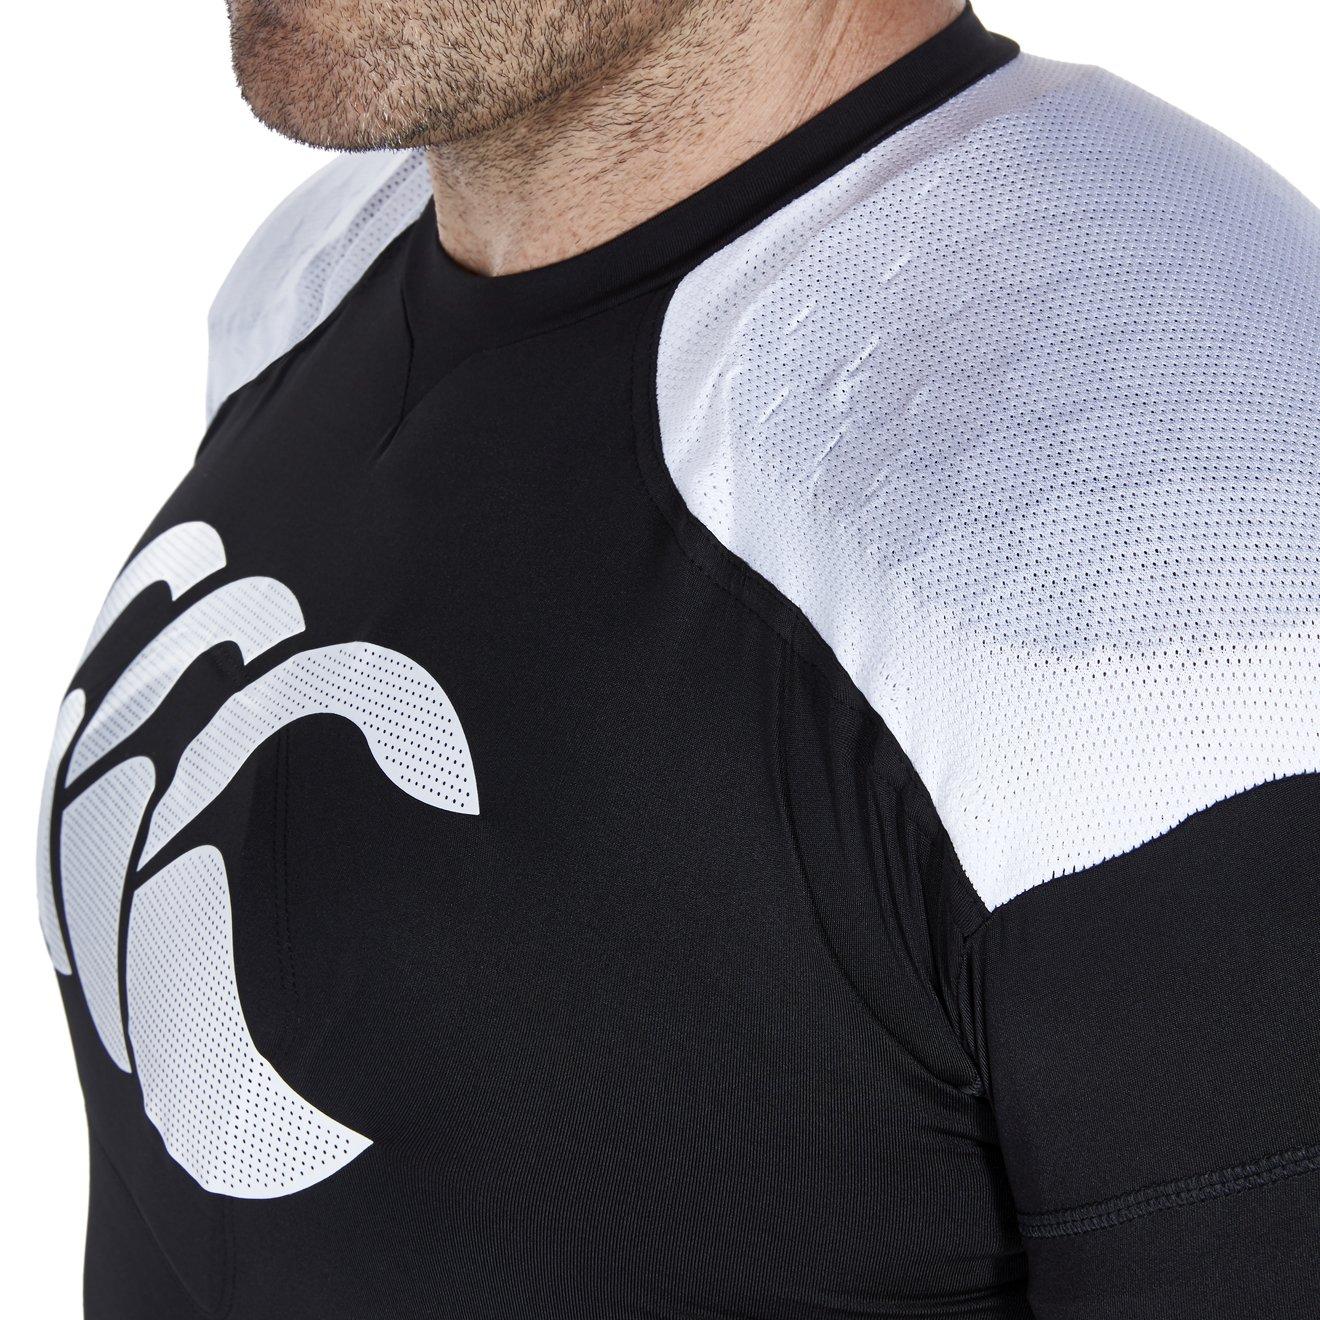 Riparo Guanti Moto per Uomo in Vera Pelle con Cuciture rovesciate Senza Dita per Uomo XXX-Grande Nero